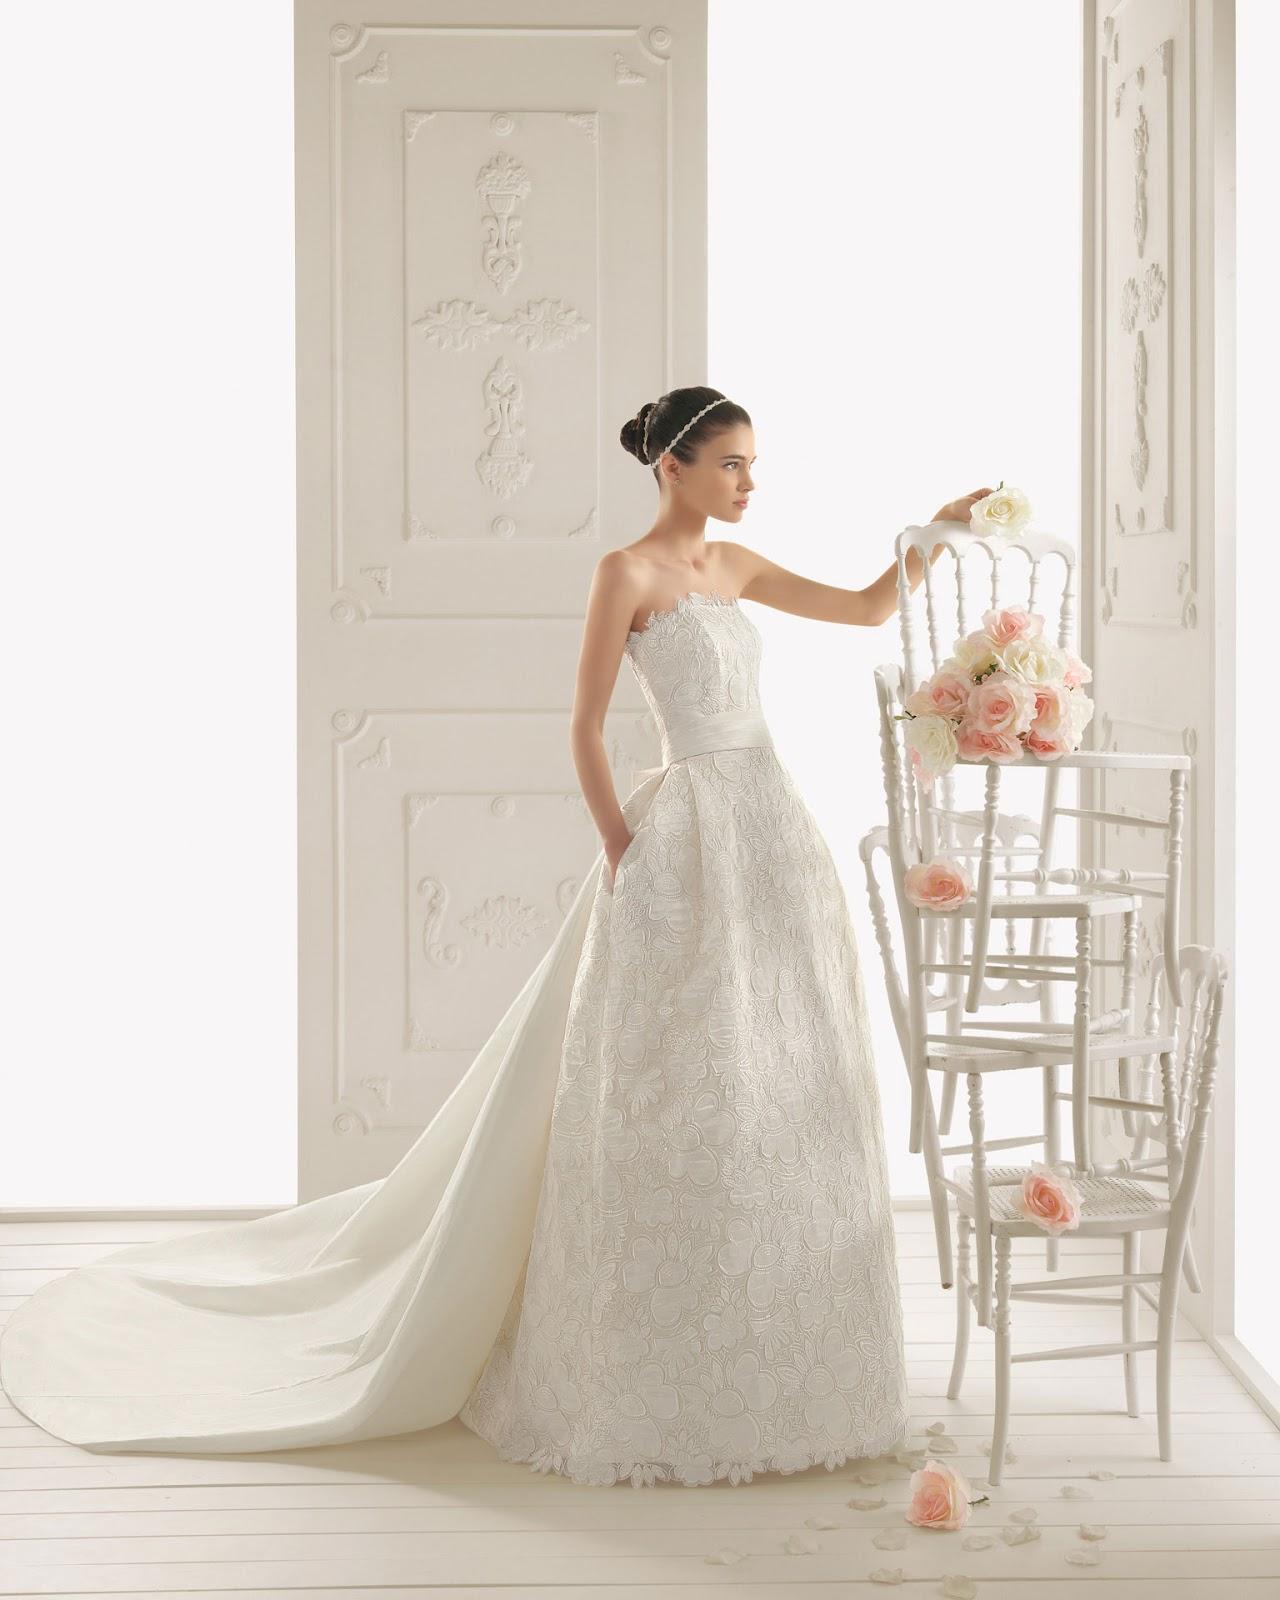 Brautkleider Kaufen Online De: August 2012